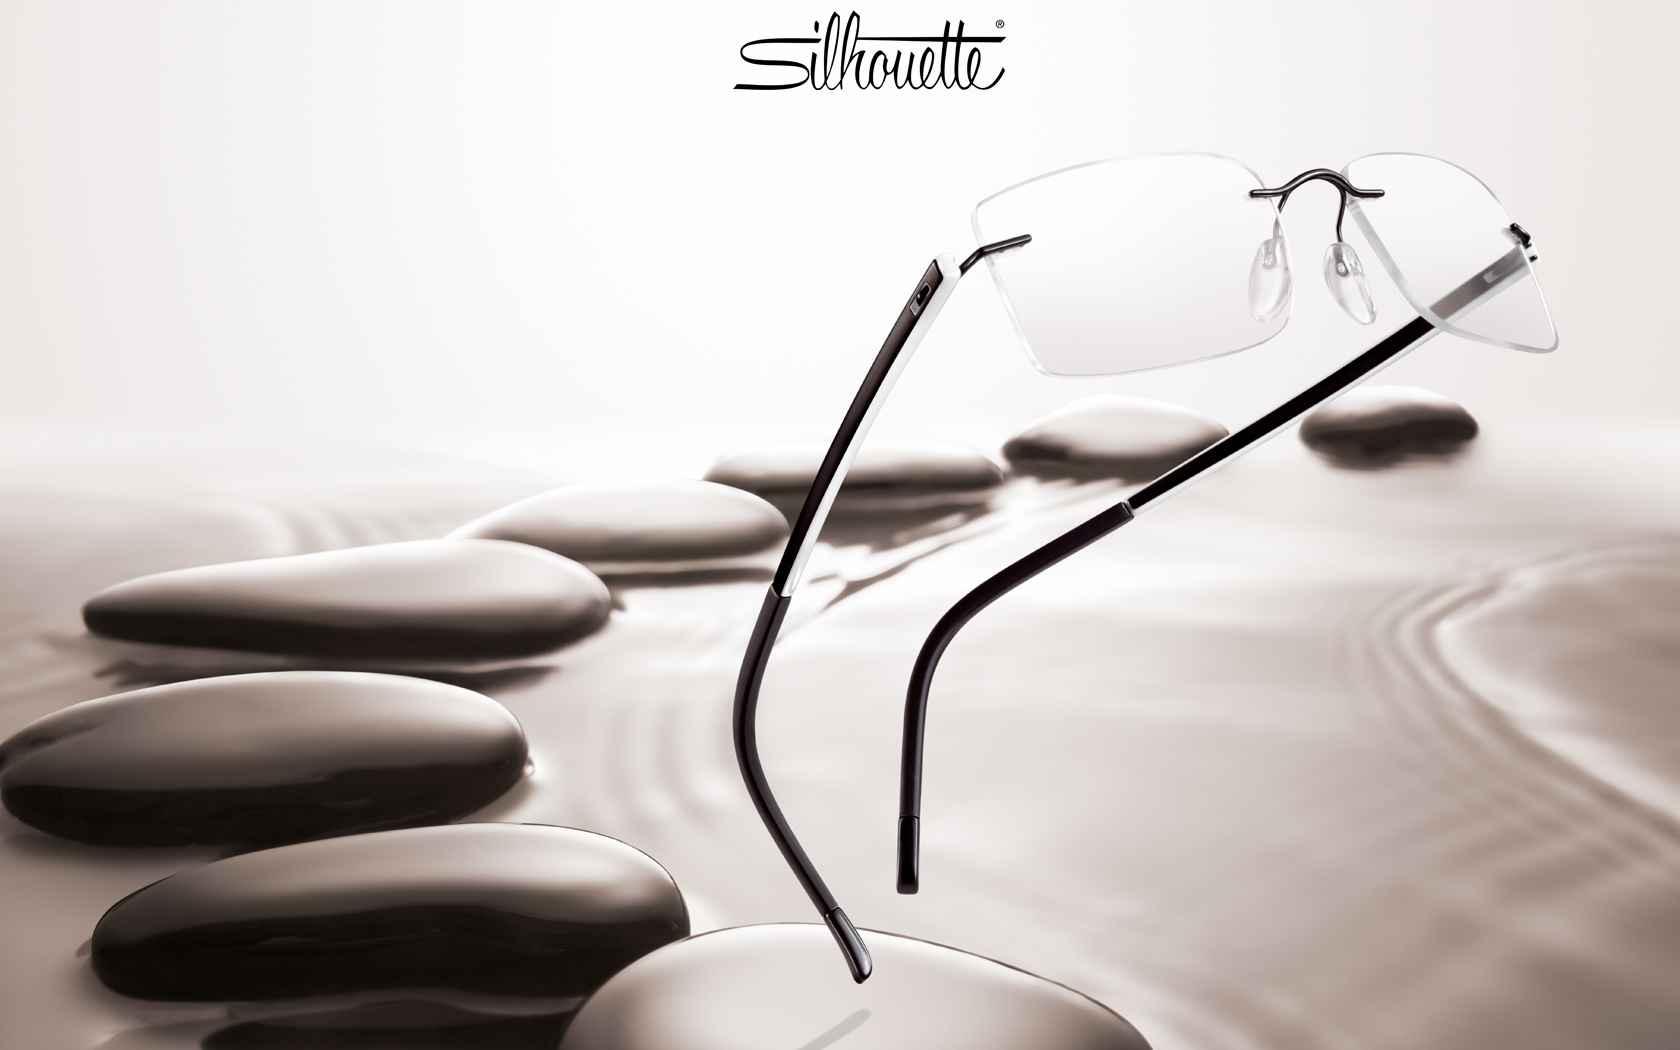 Silhouette titan minimal art l t s hat rok n lk l for Minimal art silhouette